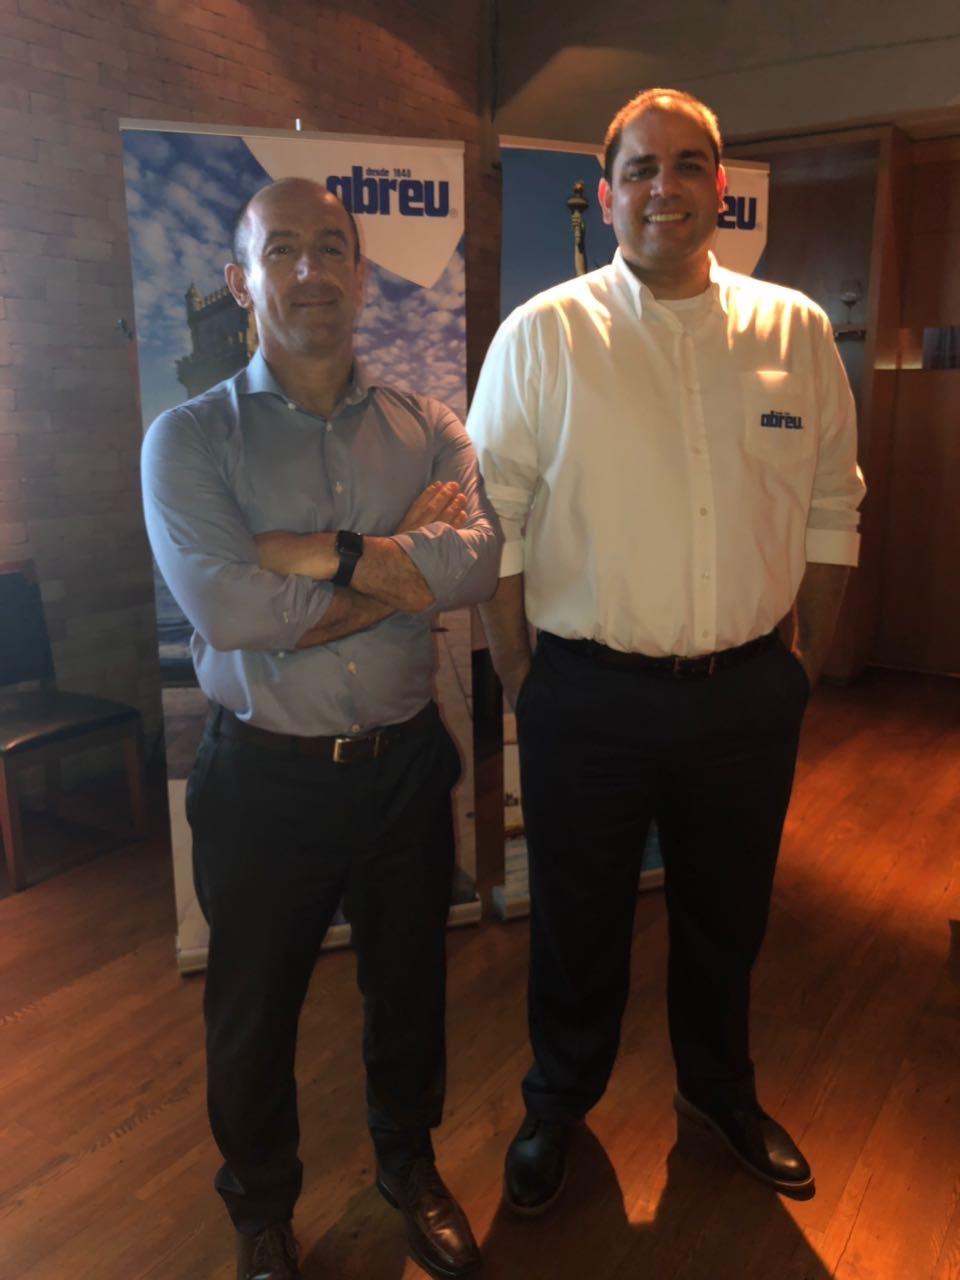 Ronnie Corrêa, diretor geral da Abreu, e Alexandre Silva, gerente regional da operadora, durante evento no Rio de Janeiro